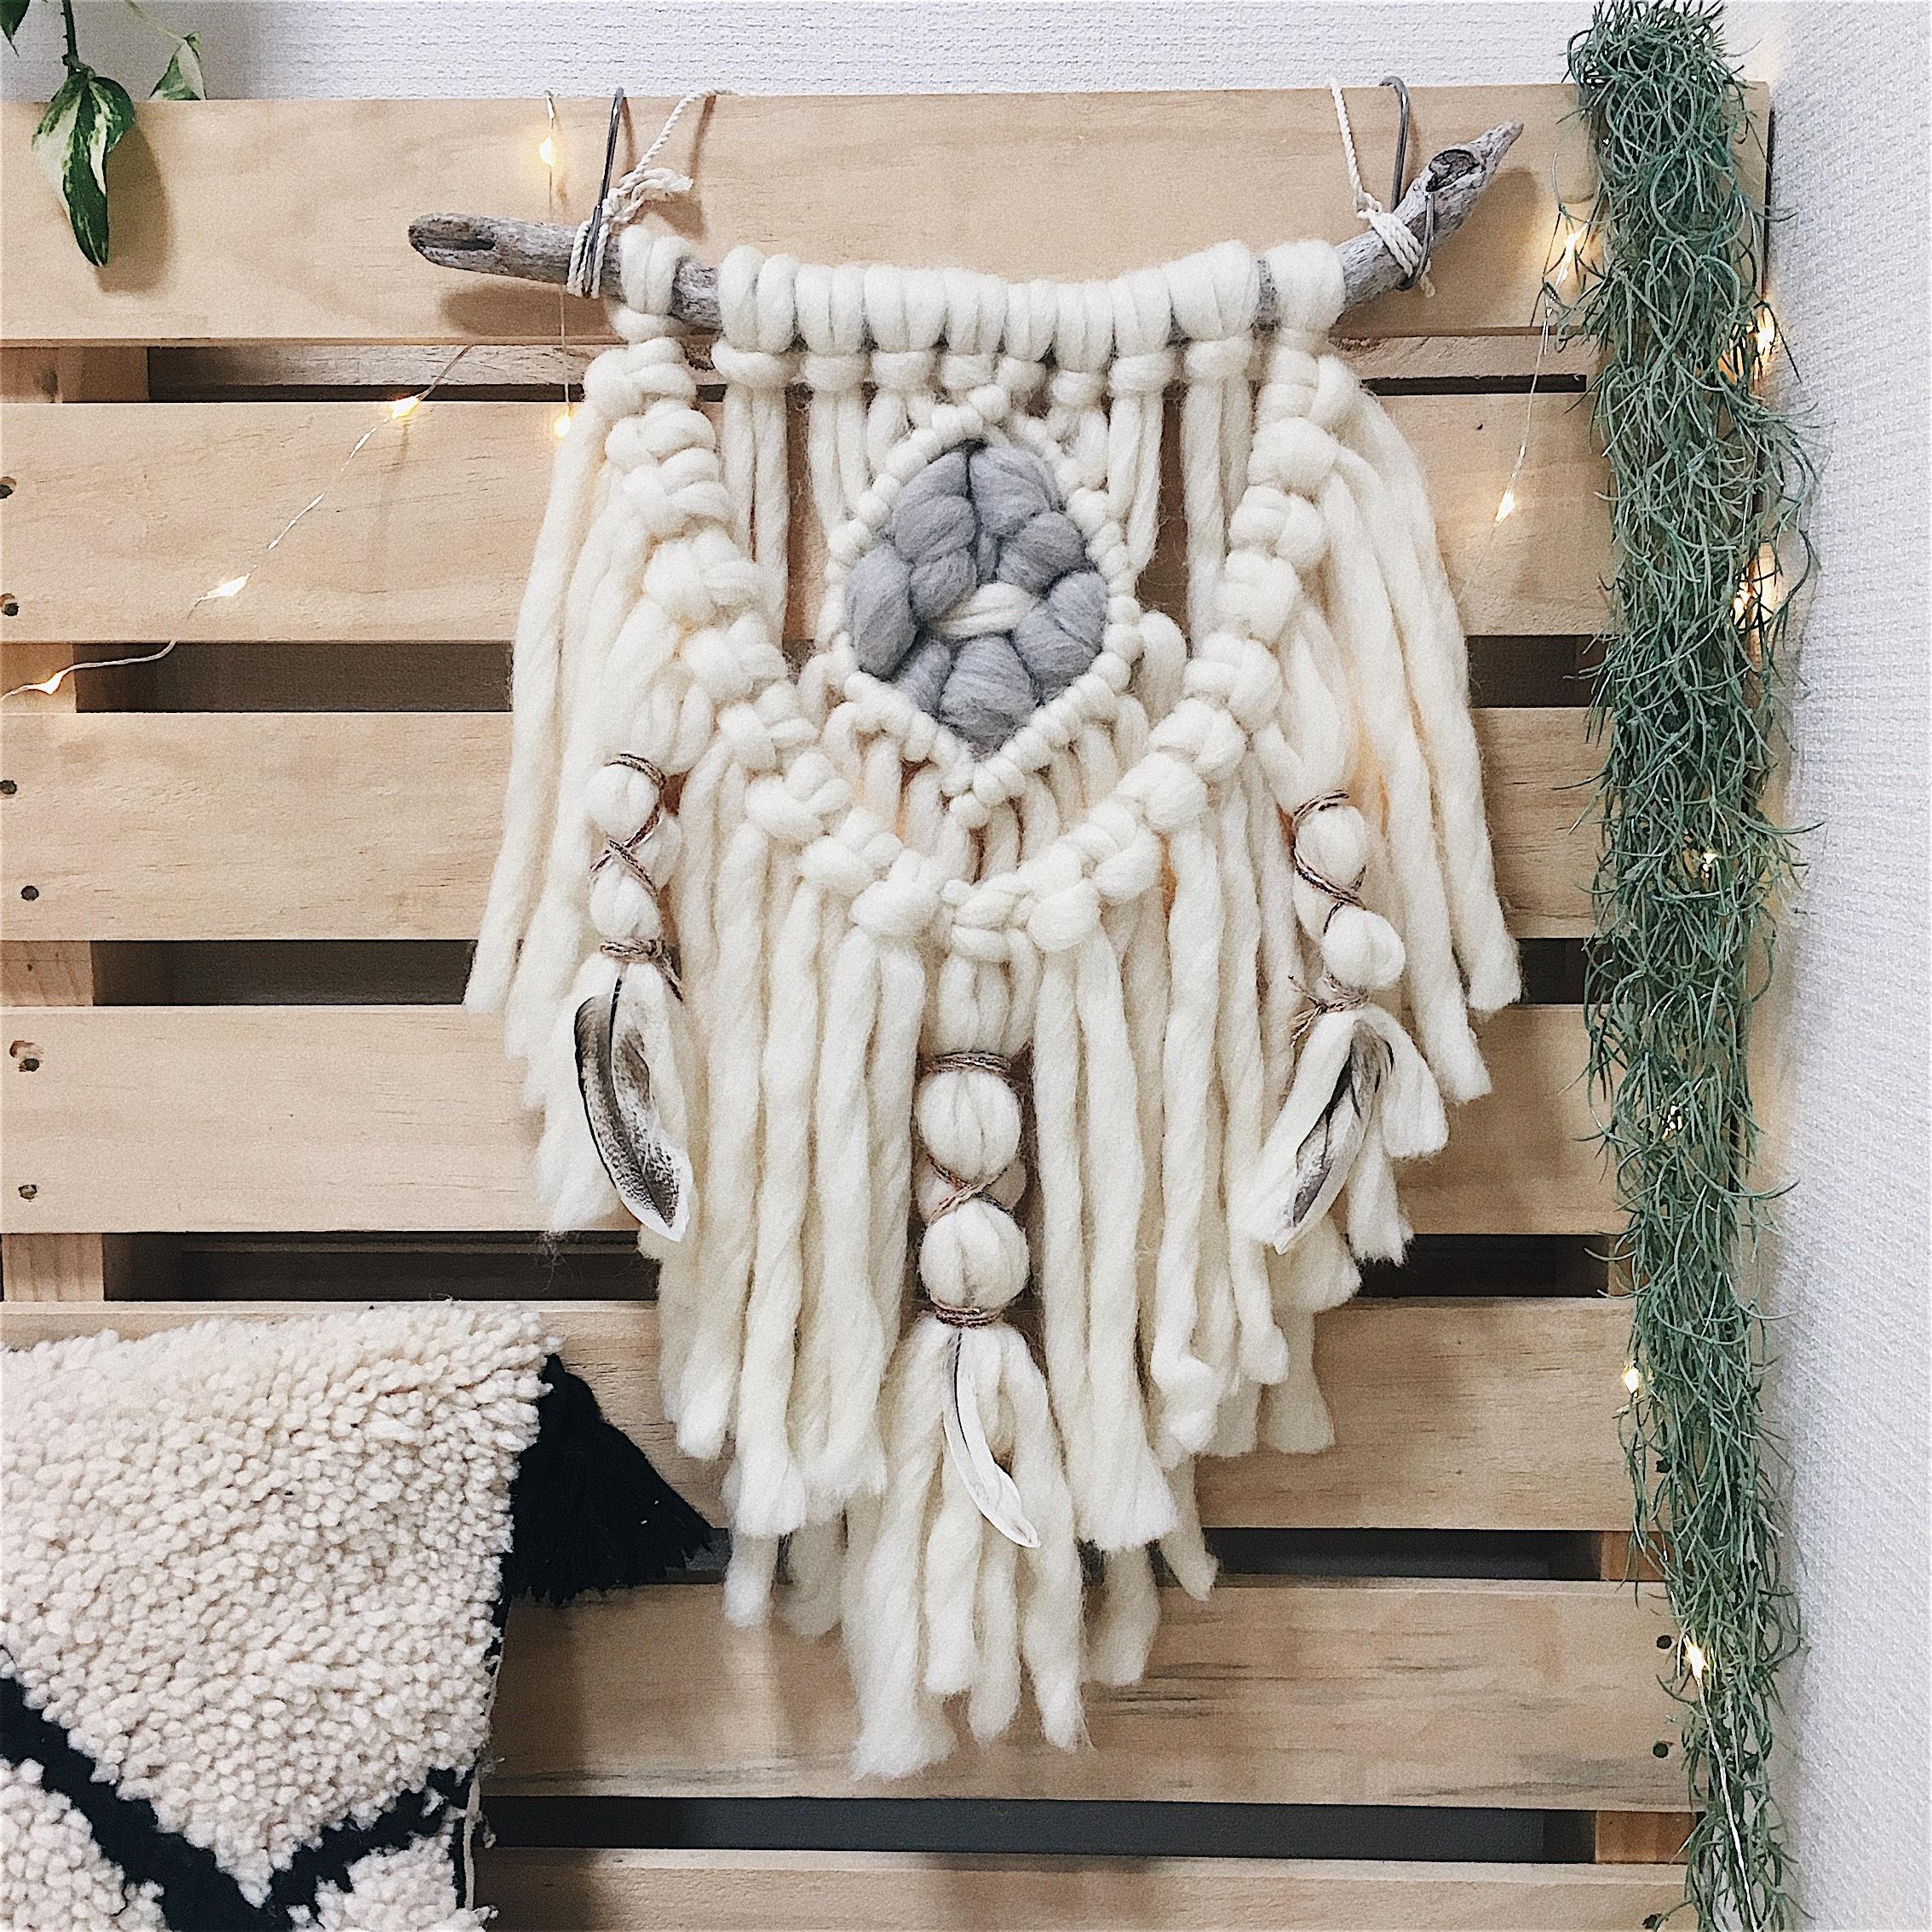 【送料無料】Wool macrame wallhanging - native american -